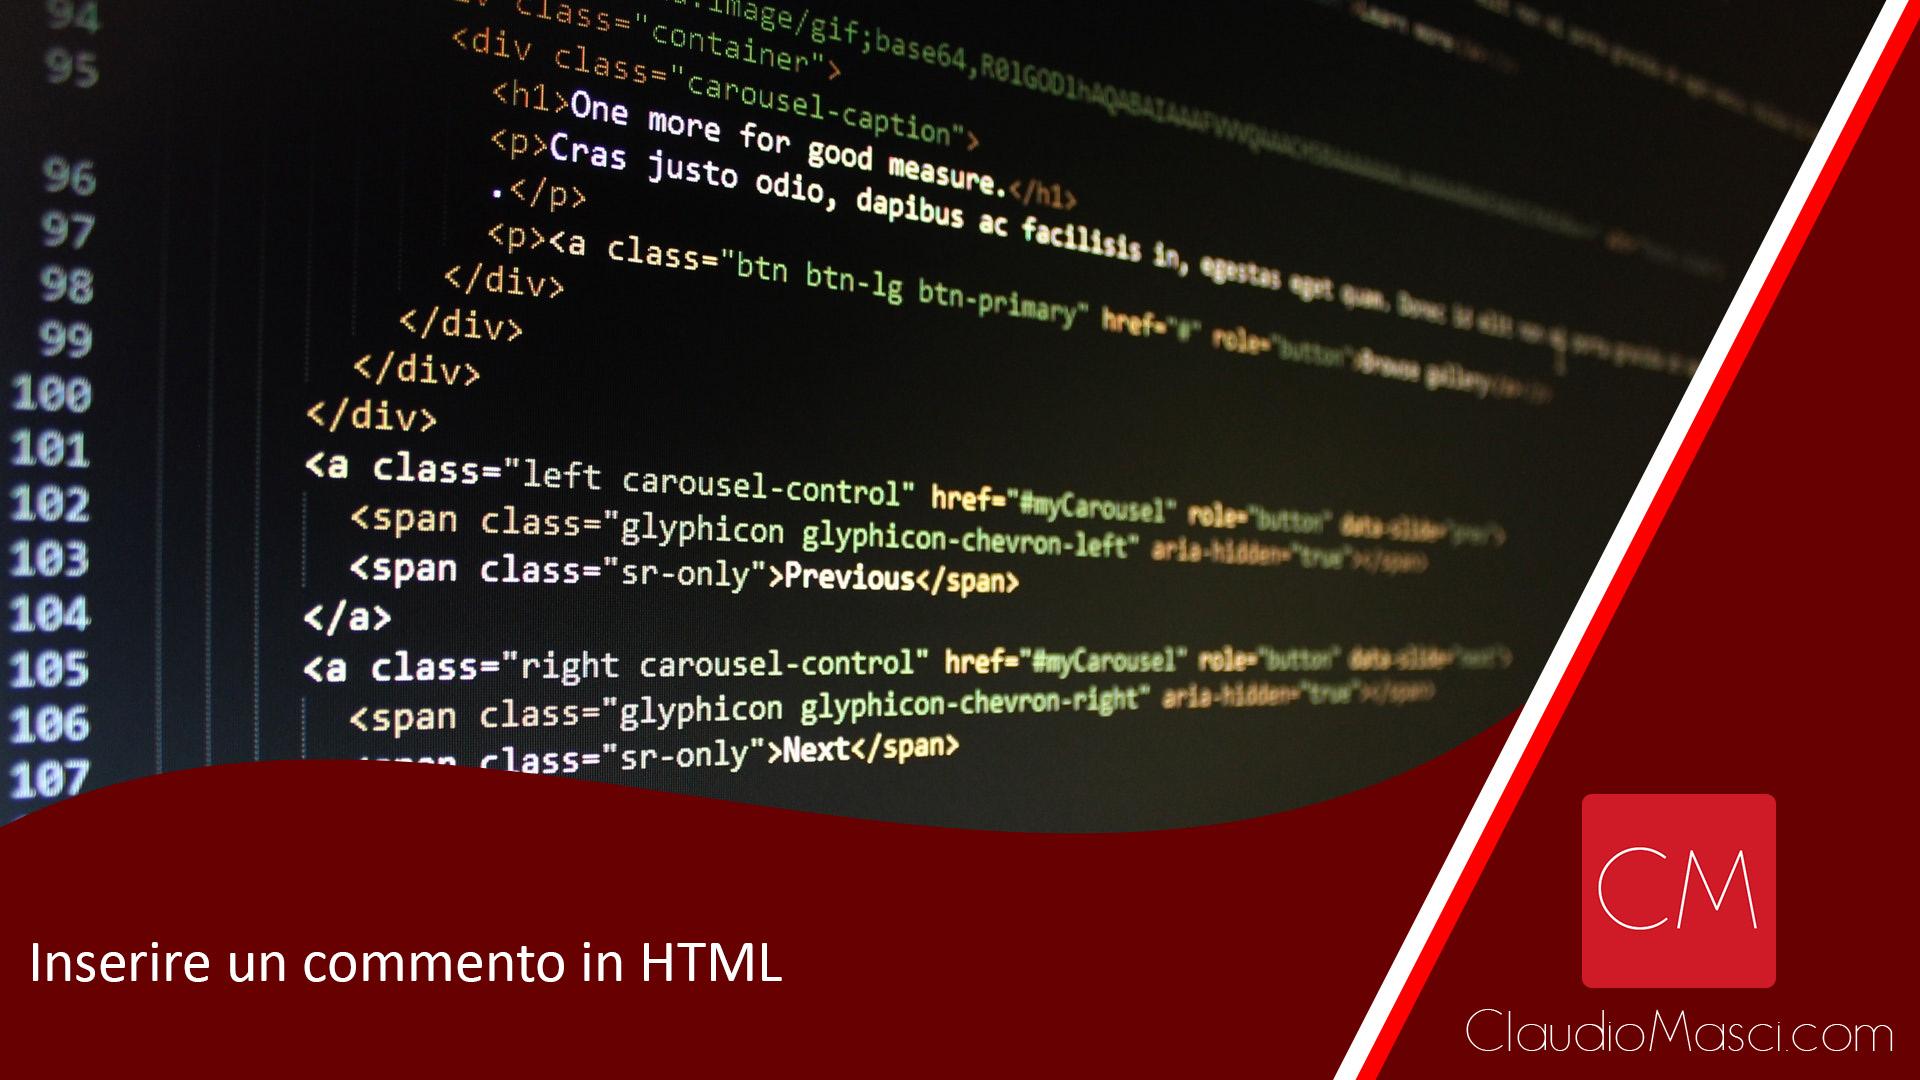 Inserire un commento in HTML